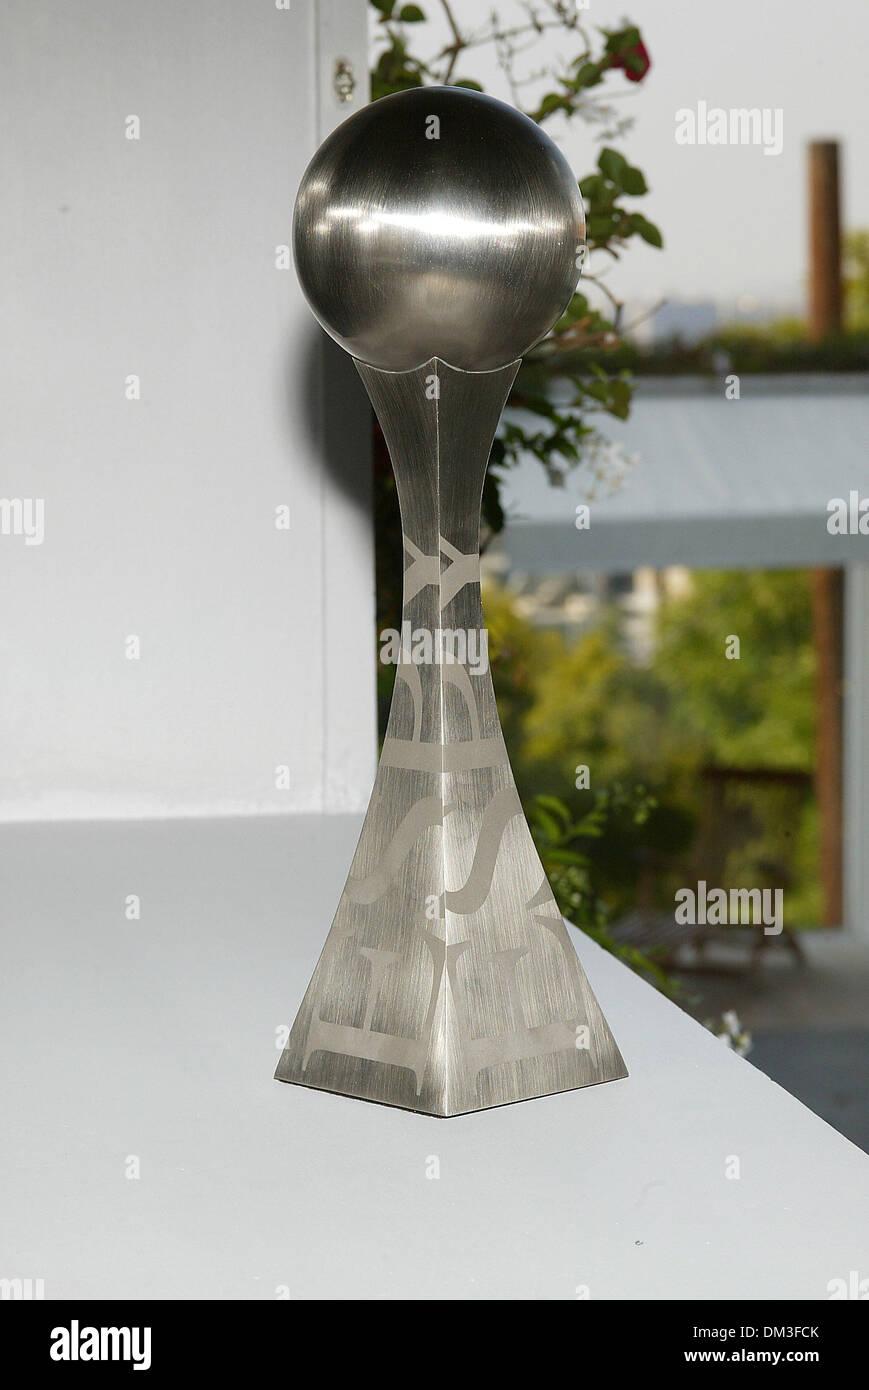 4 juin 2002 - Los Angeles, Californie - 10ÈME ESPY awards NOMINATIONS.EU LIEU AU SKYBAR DANS L'hôtel Mondrian.À LOS ANGELES, CA.L'ESPY AWARD. BARRETT FITZROY / 6-4-2002 K25032FB (D)(Image Crédit: © Globe Photos/ZUMAPRESS.com) Banque D'Images